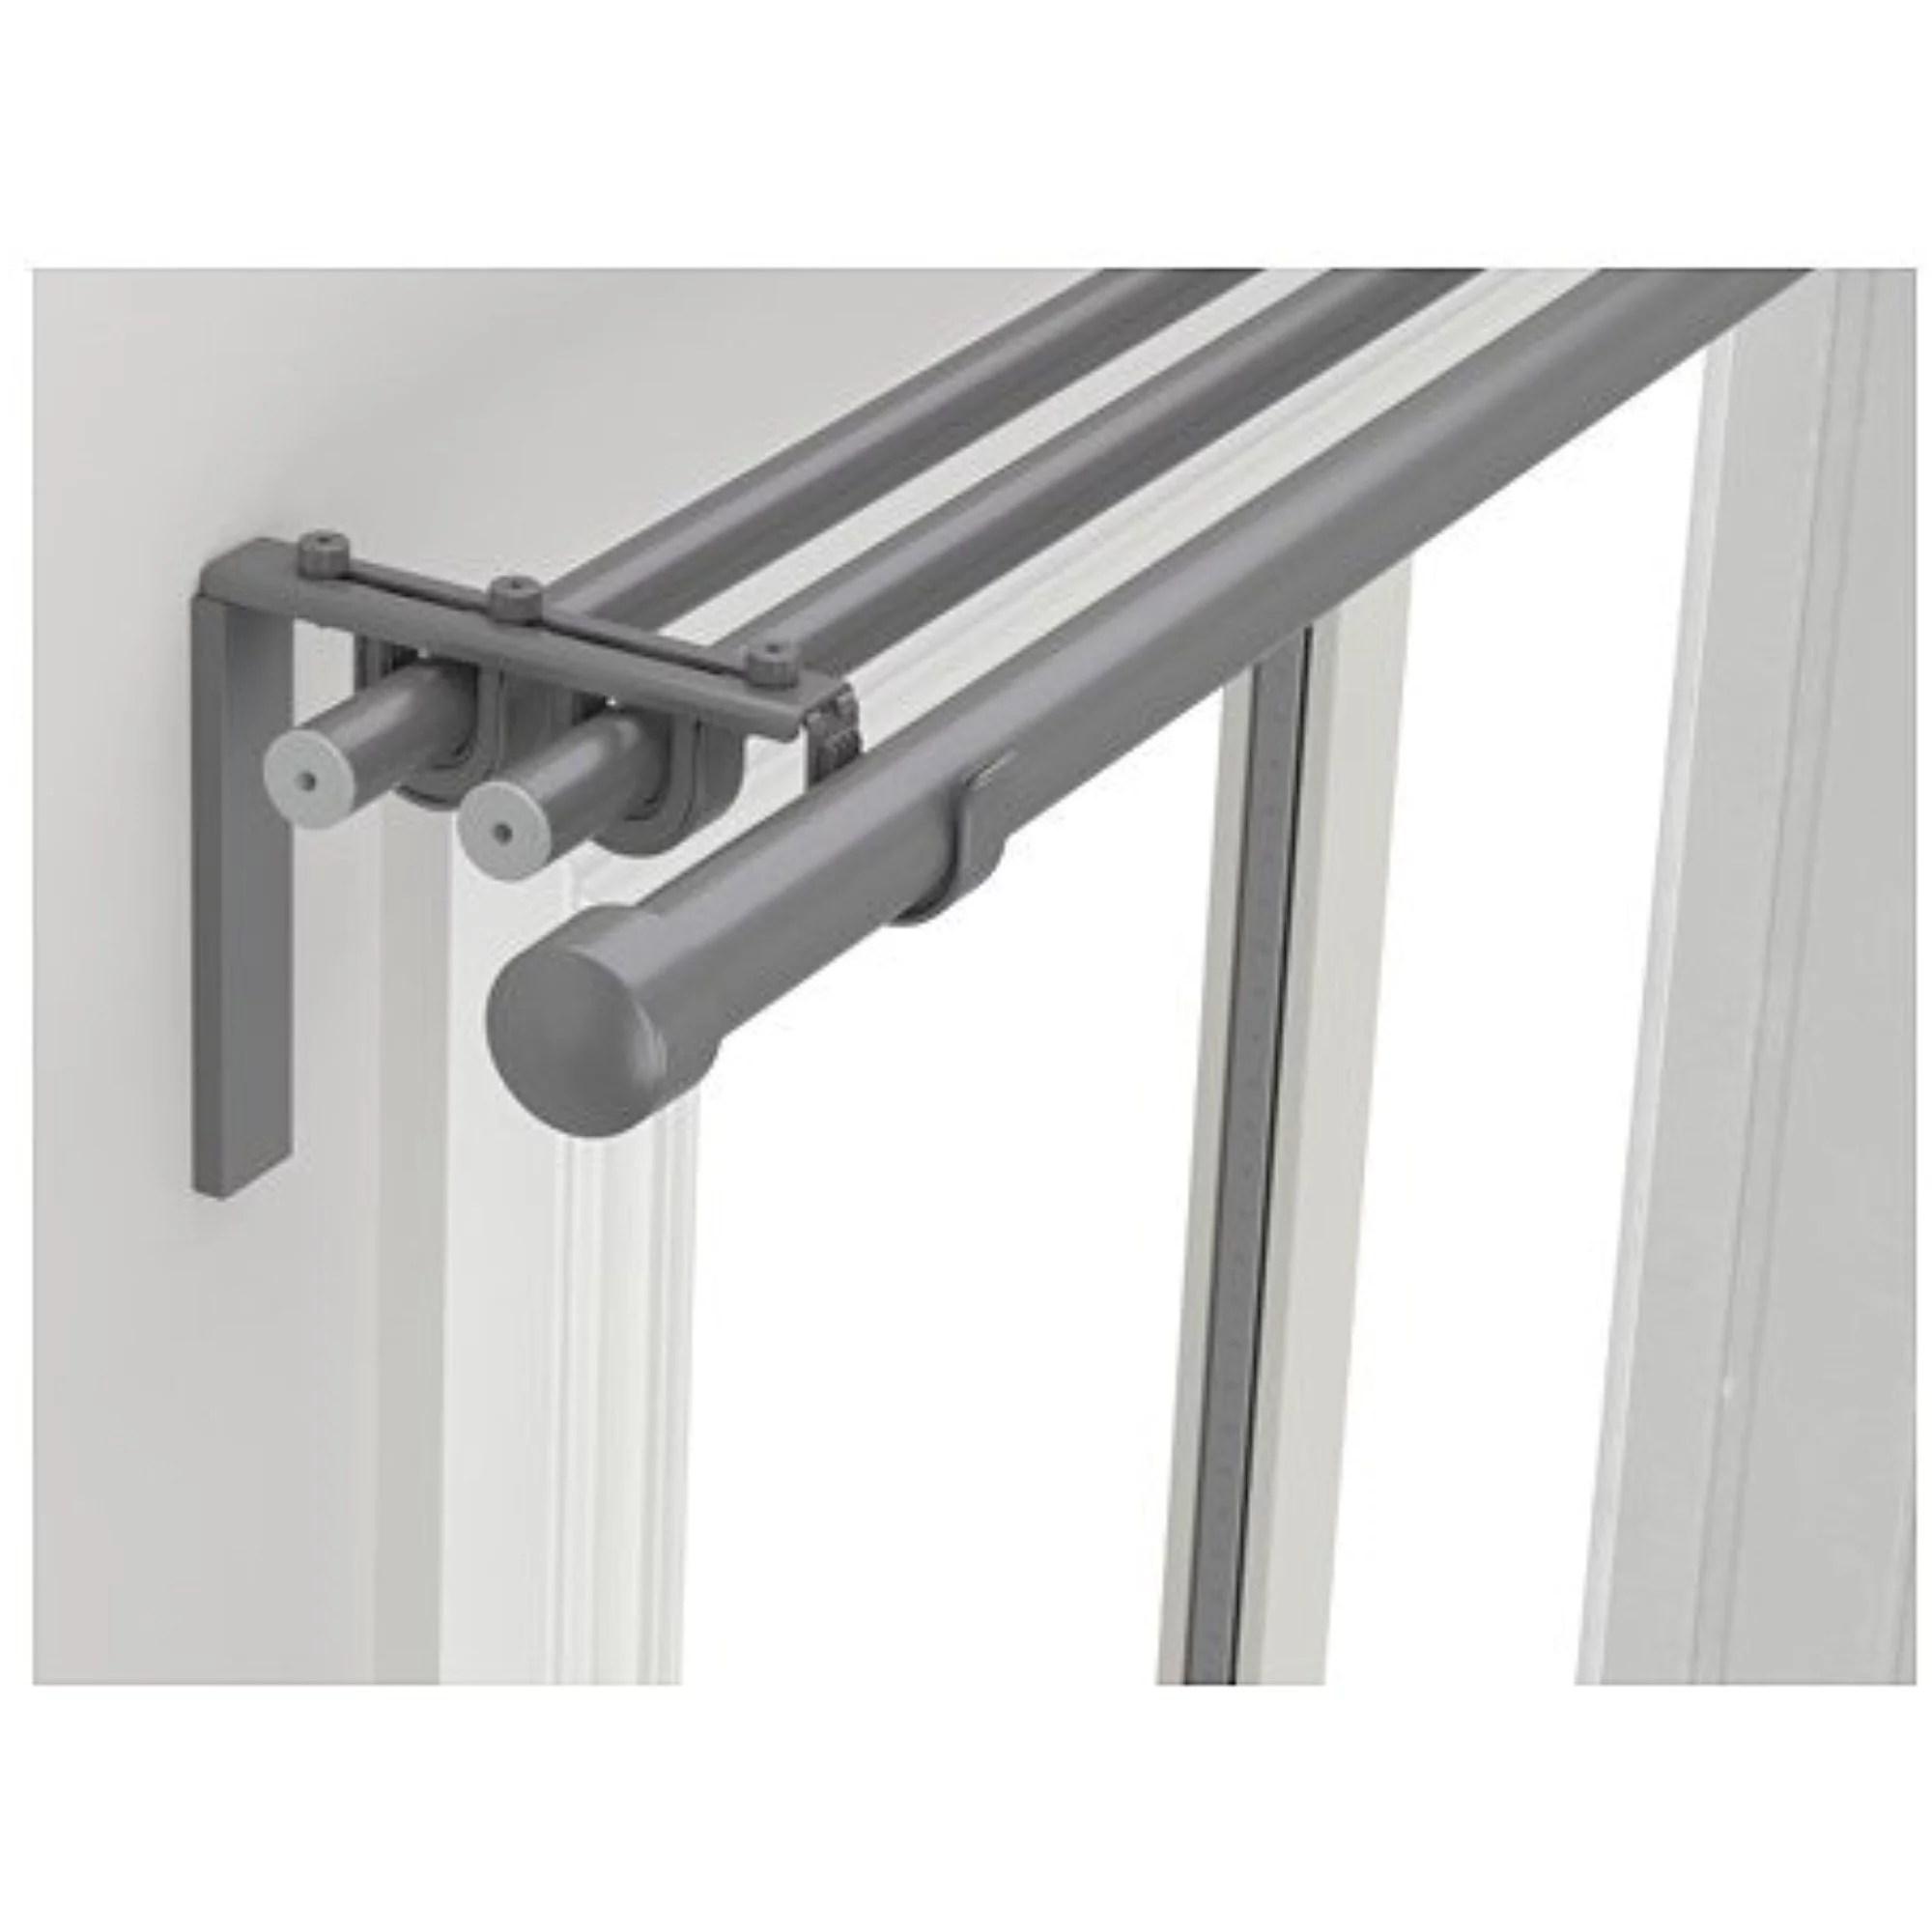 ikea triple curtain rod combination silver color 122020 82917 3430 walmart com